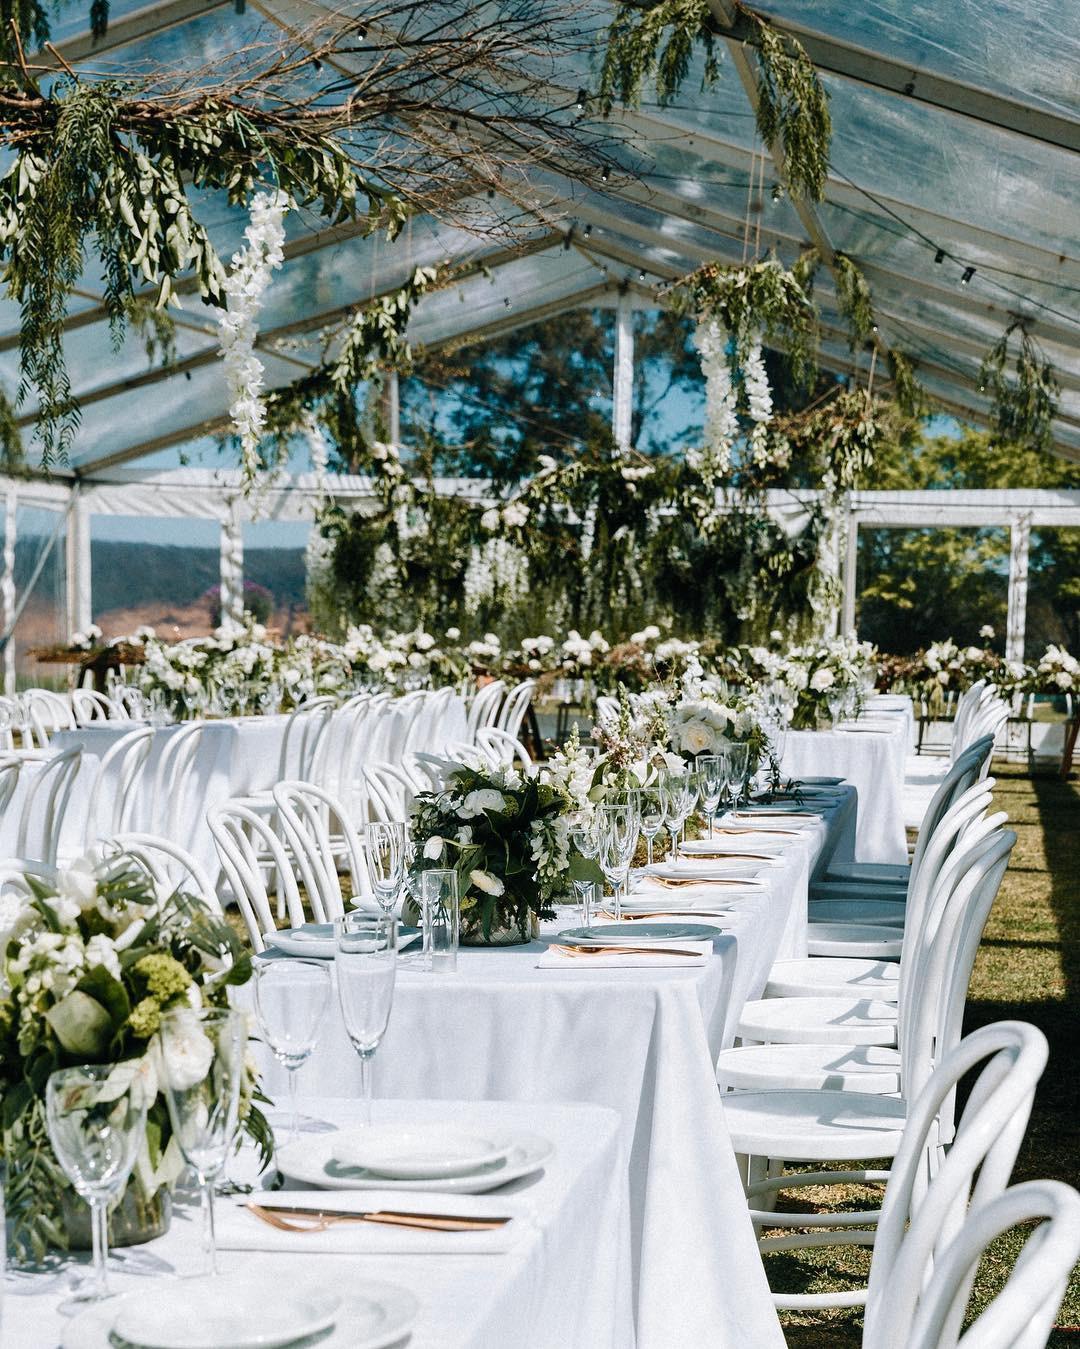 Đám cưới xa hoa của cặp đồng tính giữa núi rừng khiến nhiều người phát hờn - Ảnh 16.